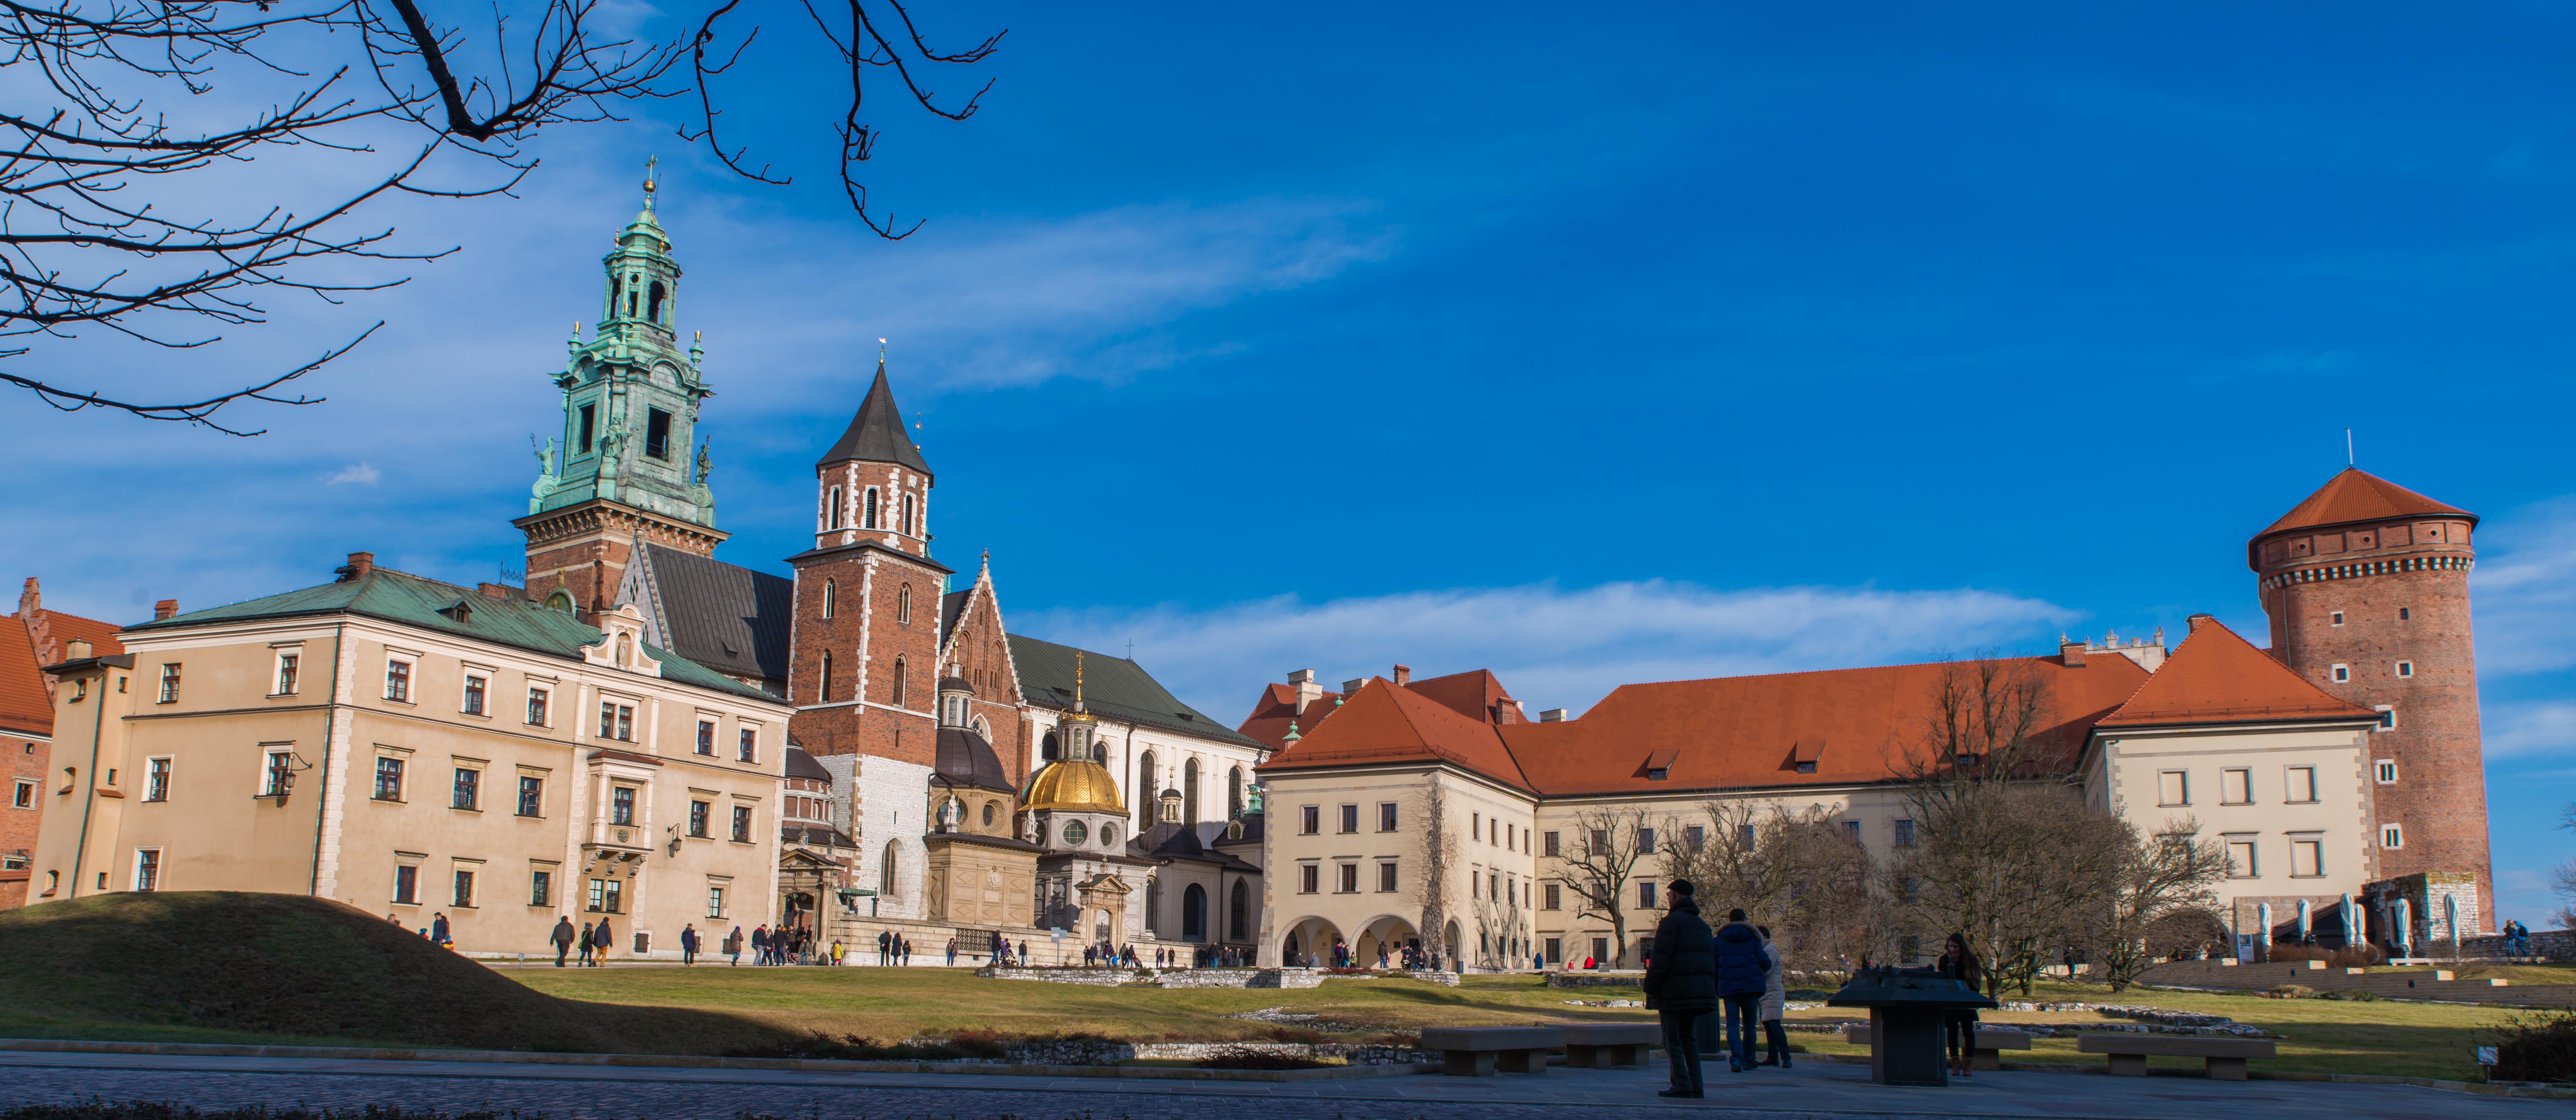 Kraków / קראקוב